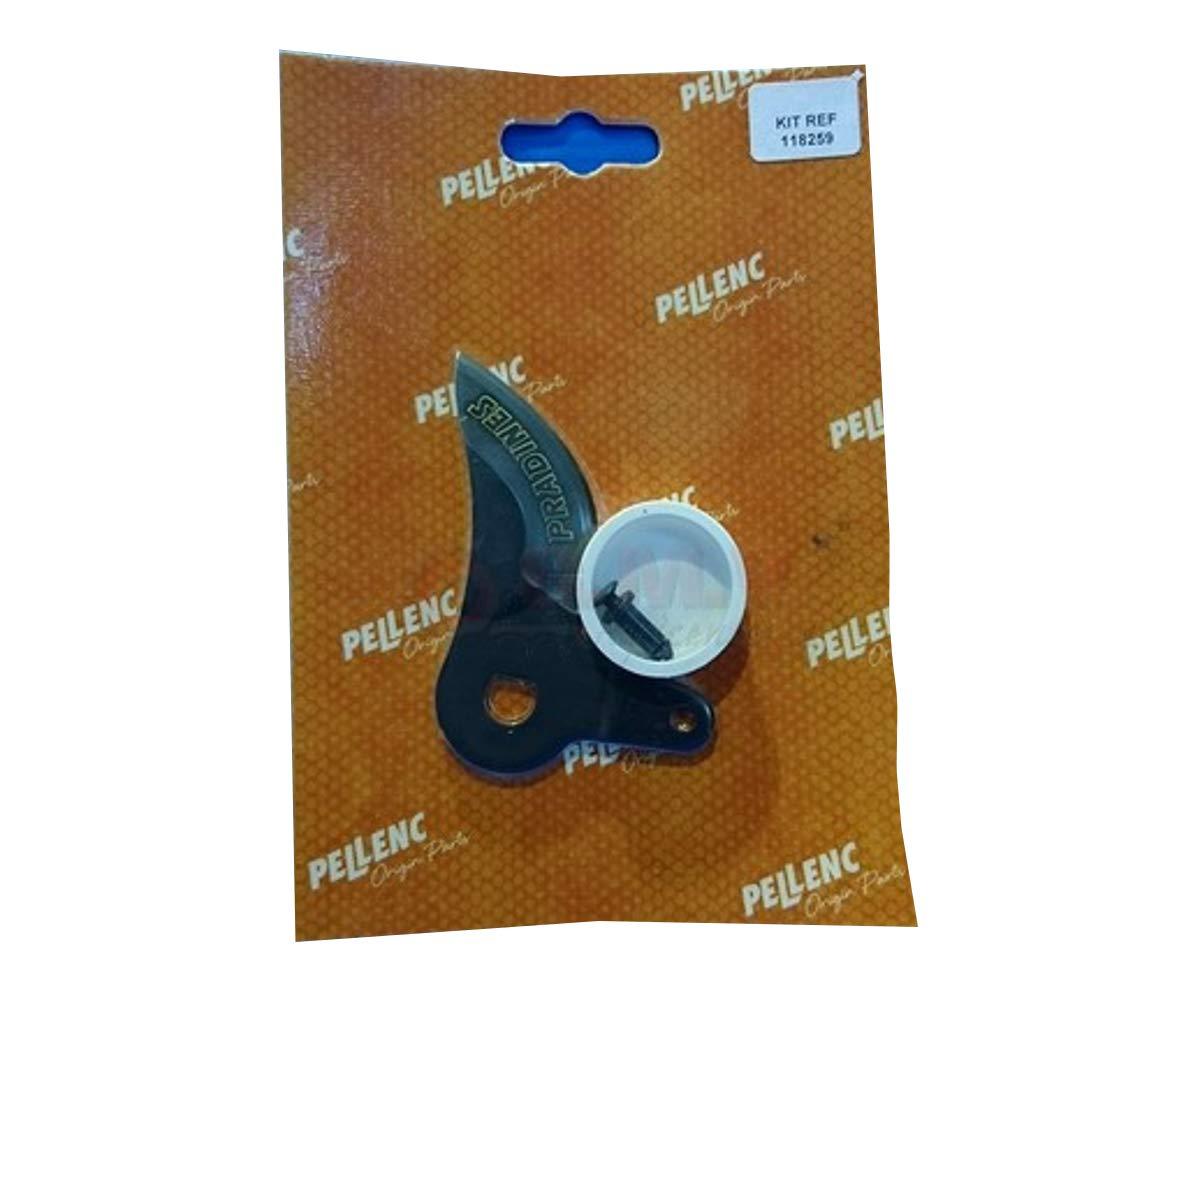 PELLENC Kit Lama Ricambio Originale per Forbice VINION New